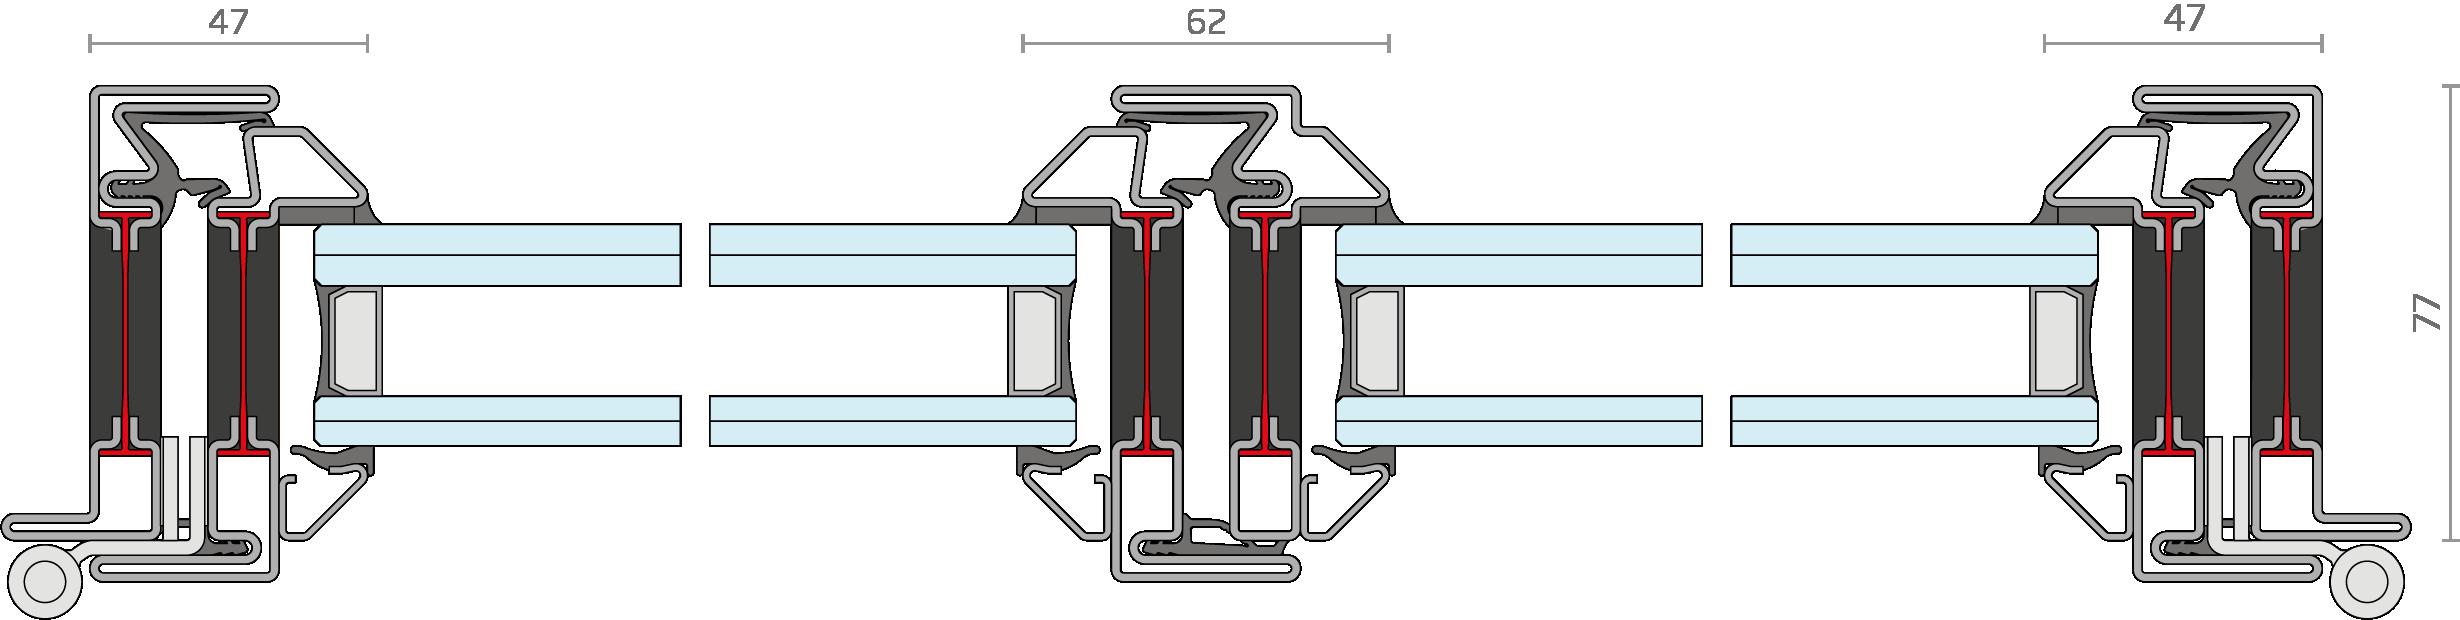 BV 75_F AI h